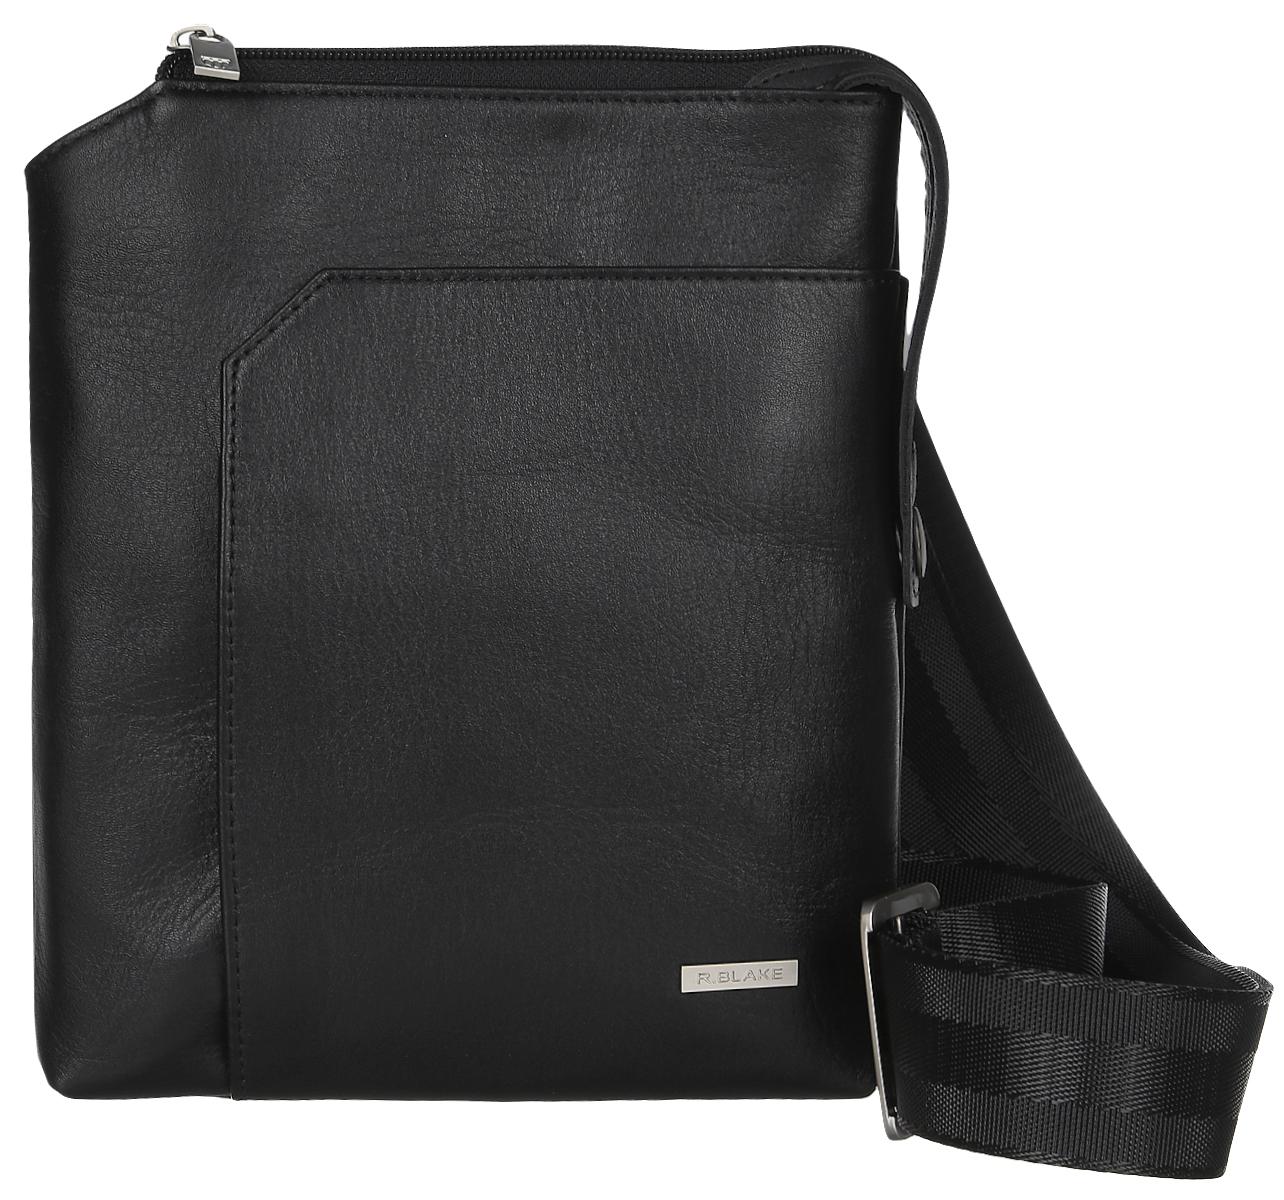 Сумка мужская R.Blake Matteo, цвет: черный. GMTT00-00ML06-A0201O-K10273298с-1Стильная мужская сумка R.Blake Matteo выполнена из натуральной кожи и текстиля. Изделие имеет одно отделение, которое закрывается на застежку-молнию. Внутри сумки расположен открытый накладной карман. Снаружи, на передней стенке находится накладной карман на магните, на задней стенке - нашивной открытый карман. Сумка оснащена текстильным плечевым ремнем, который регулируется по длине.Стильная сумка идеально подчеркнет ваш неповторимый стиль.